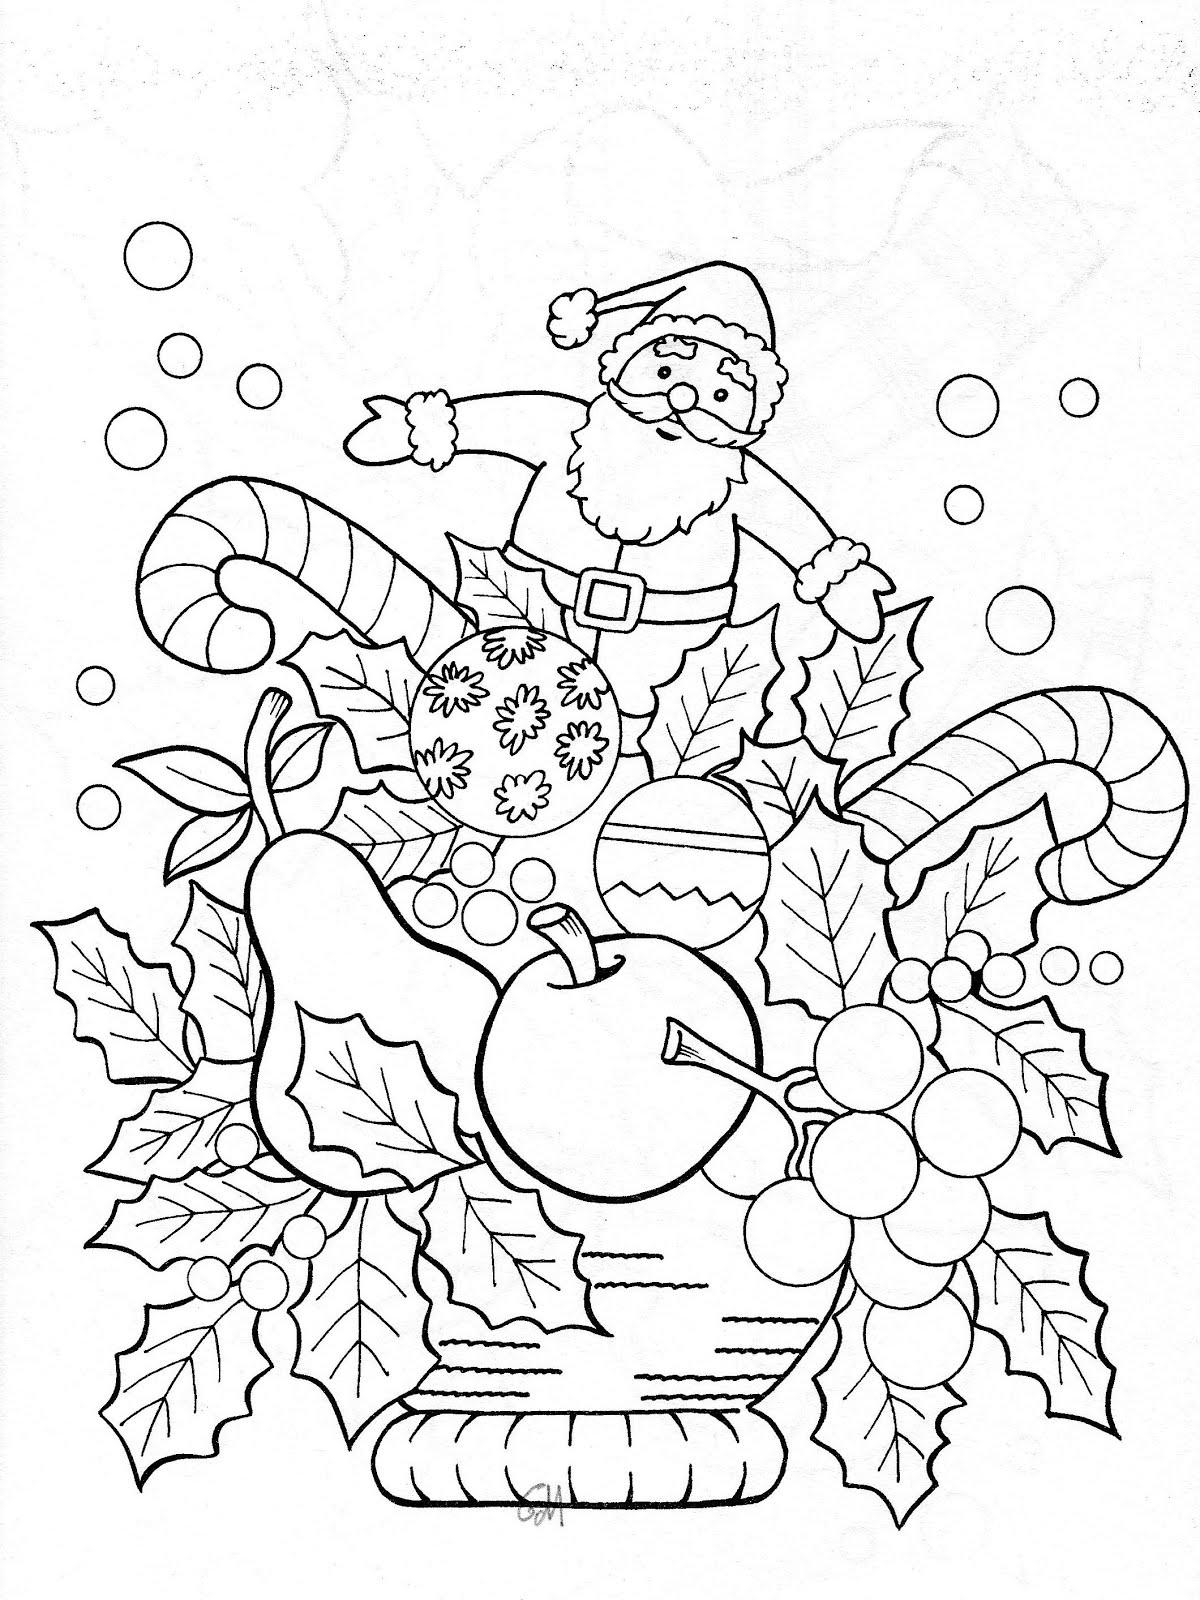 Ausmalbilder Weihnachten - Weihnachten zum Ausmalen